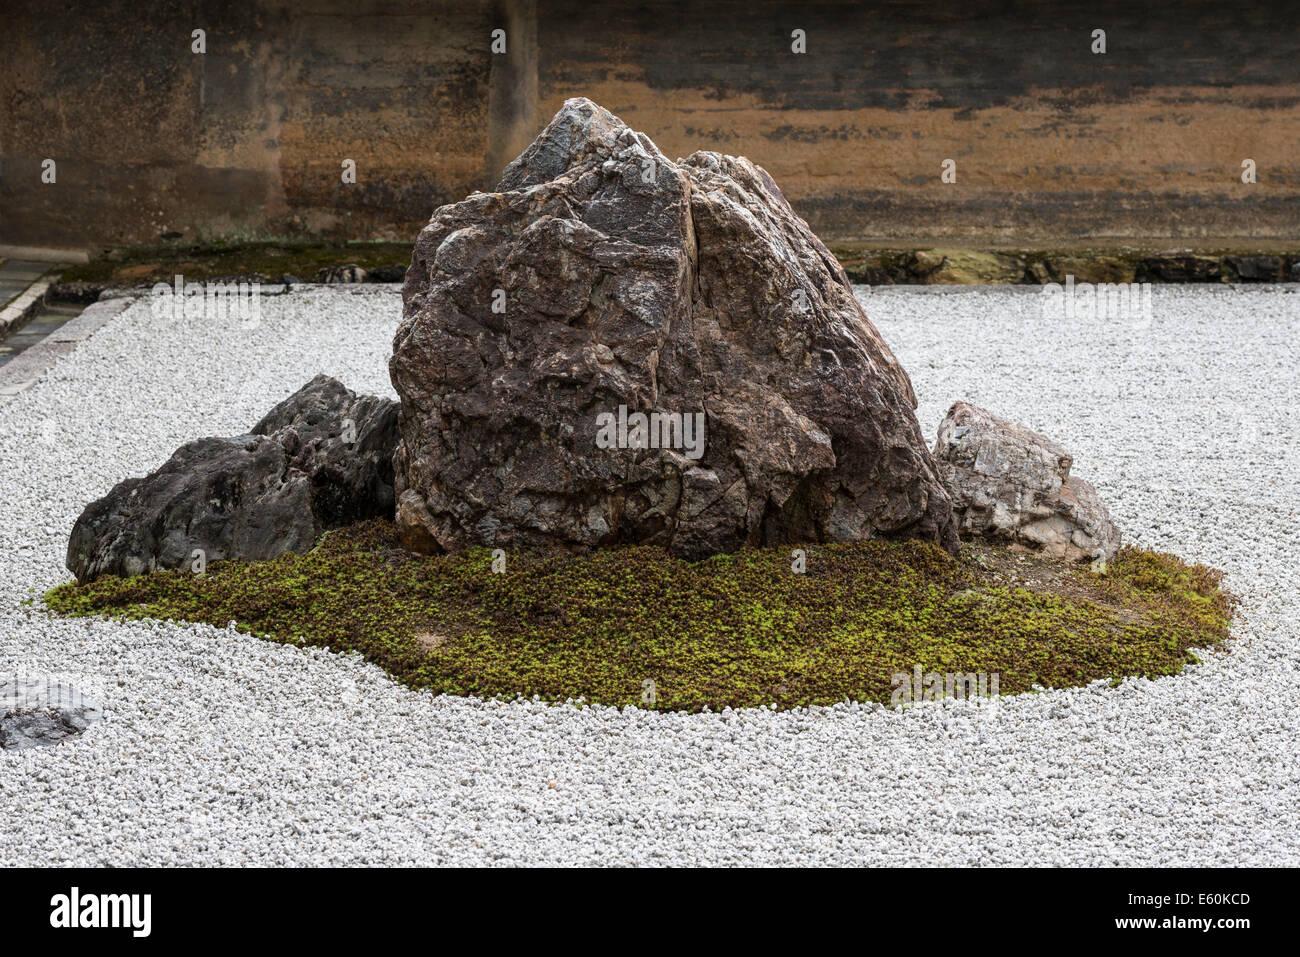 100 Dry Rock Garden Dry Creek Bed Landscaping Stones